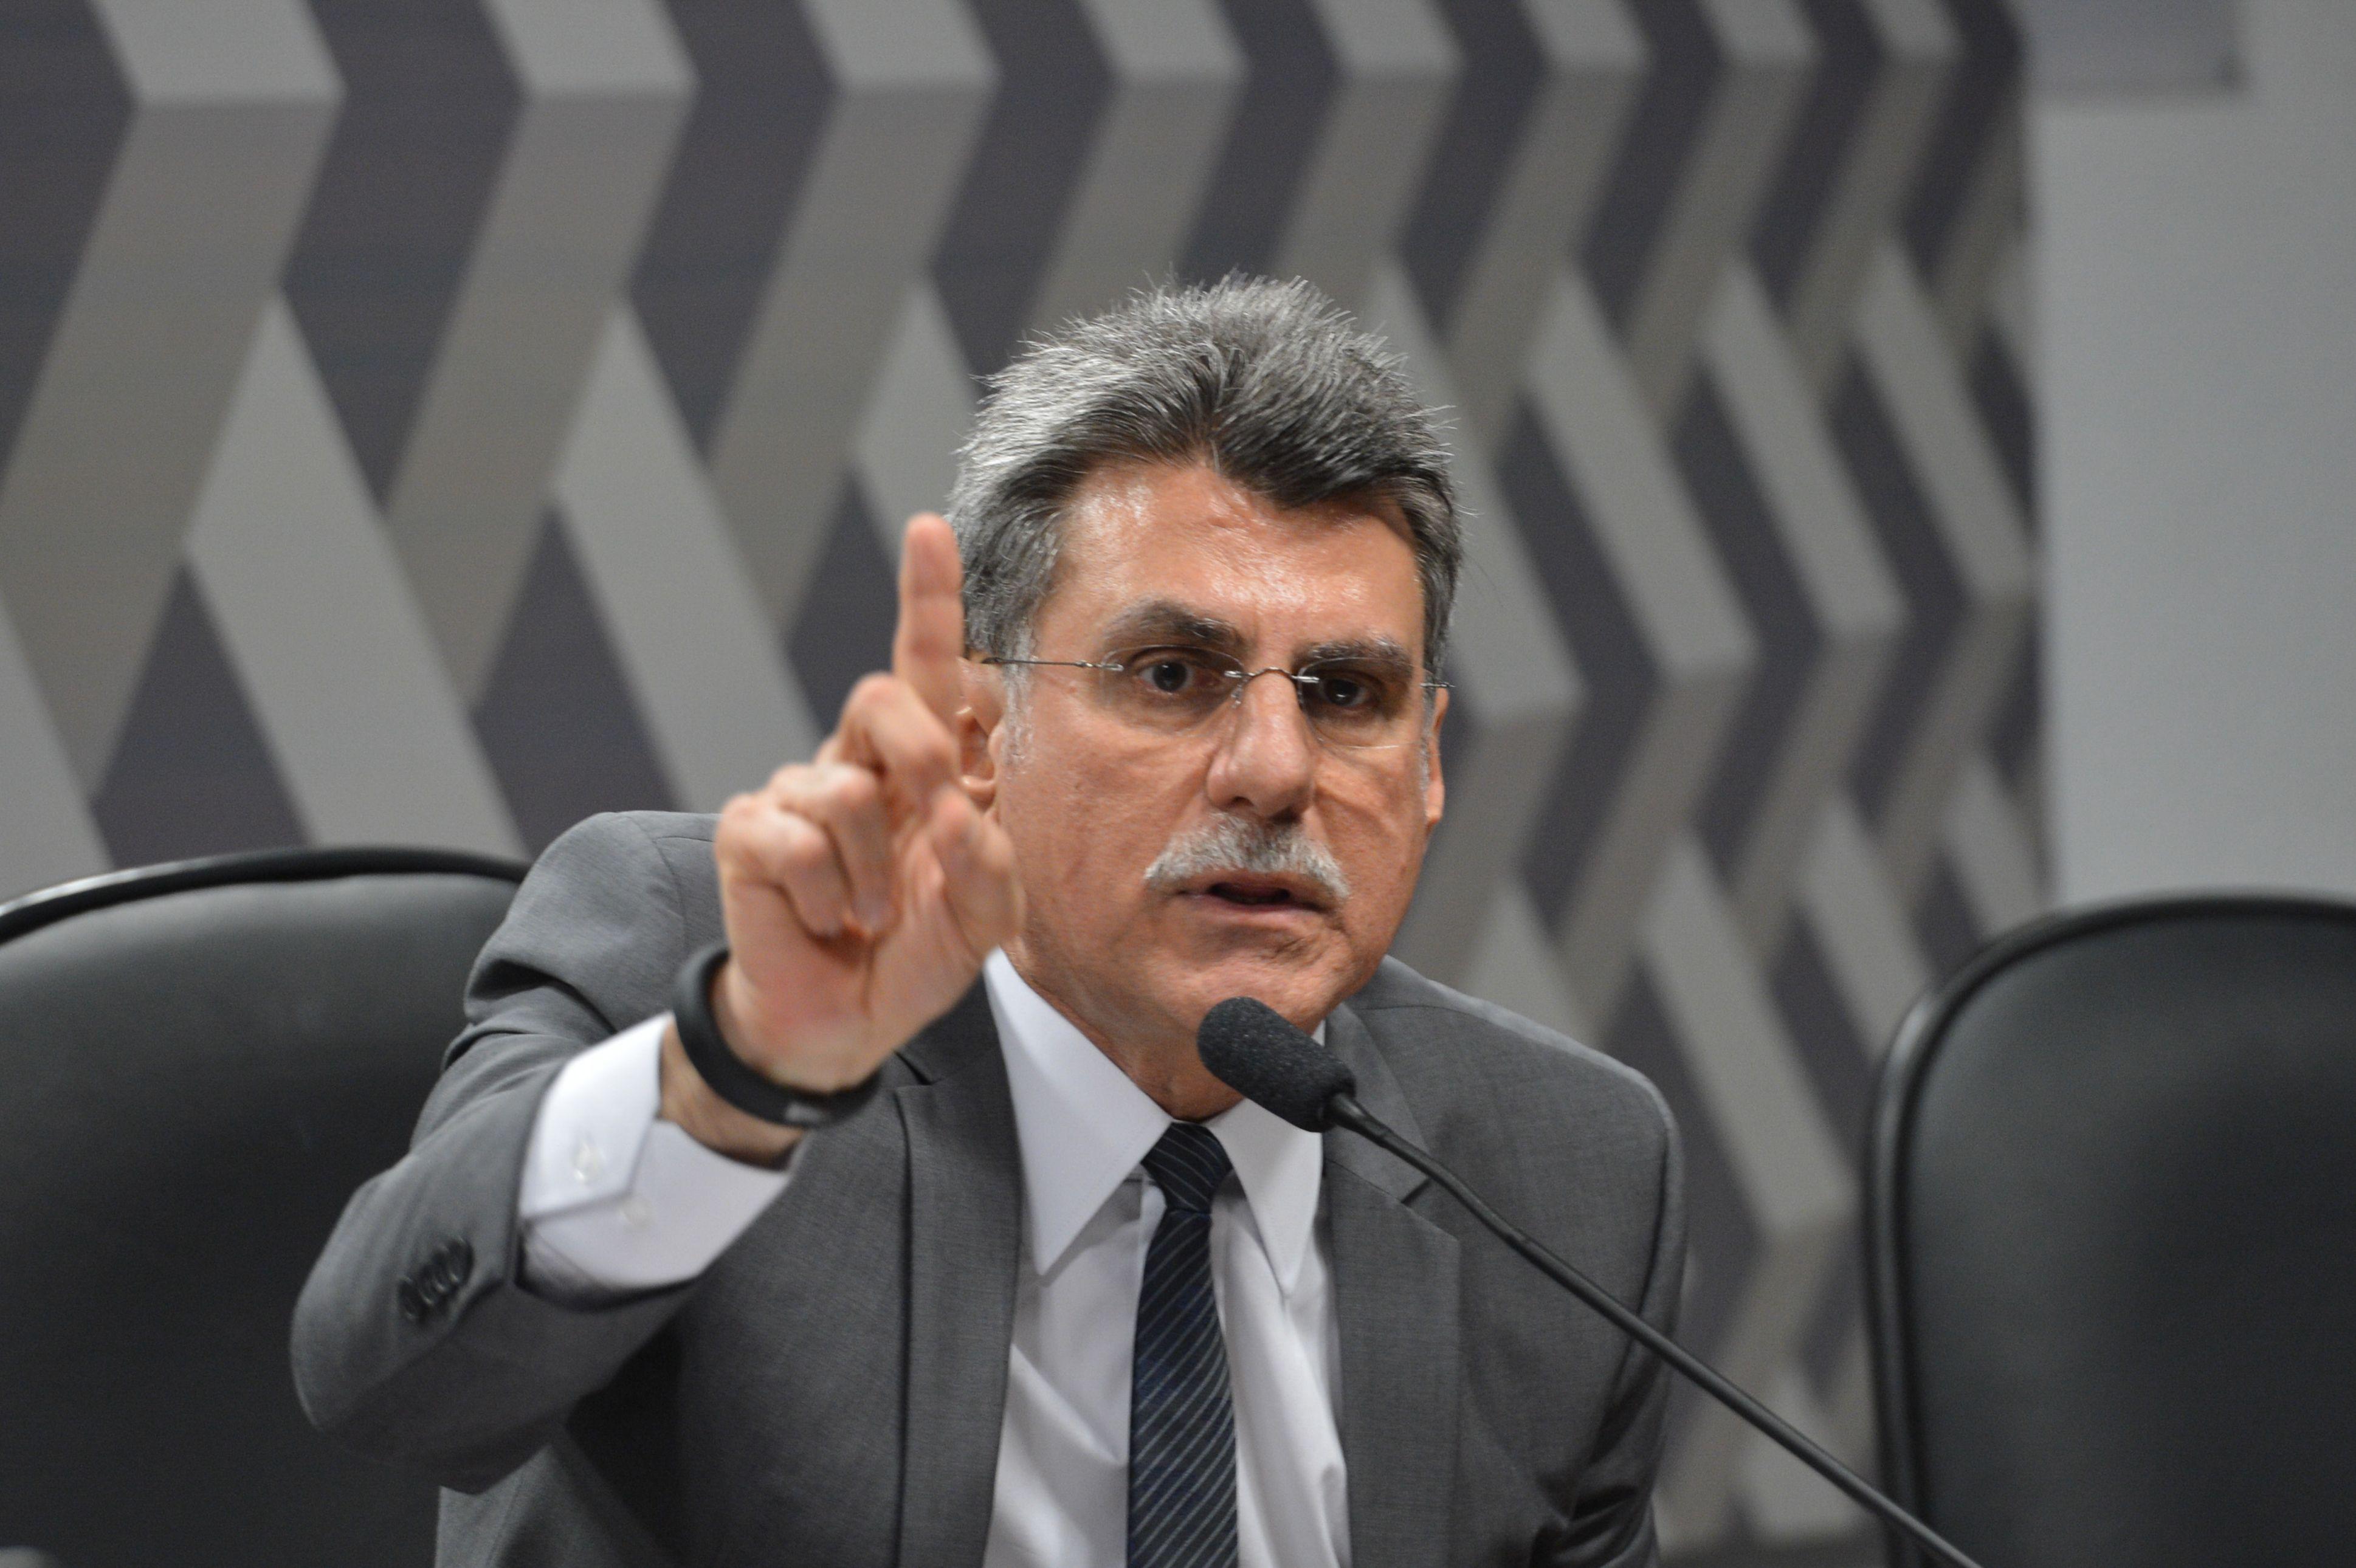 Um dos investigados é o ex-senador do MDB Romero Jucá. (Foto: Fábio Pozzebom/Agência Brasil)